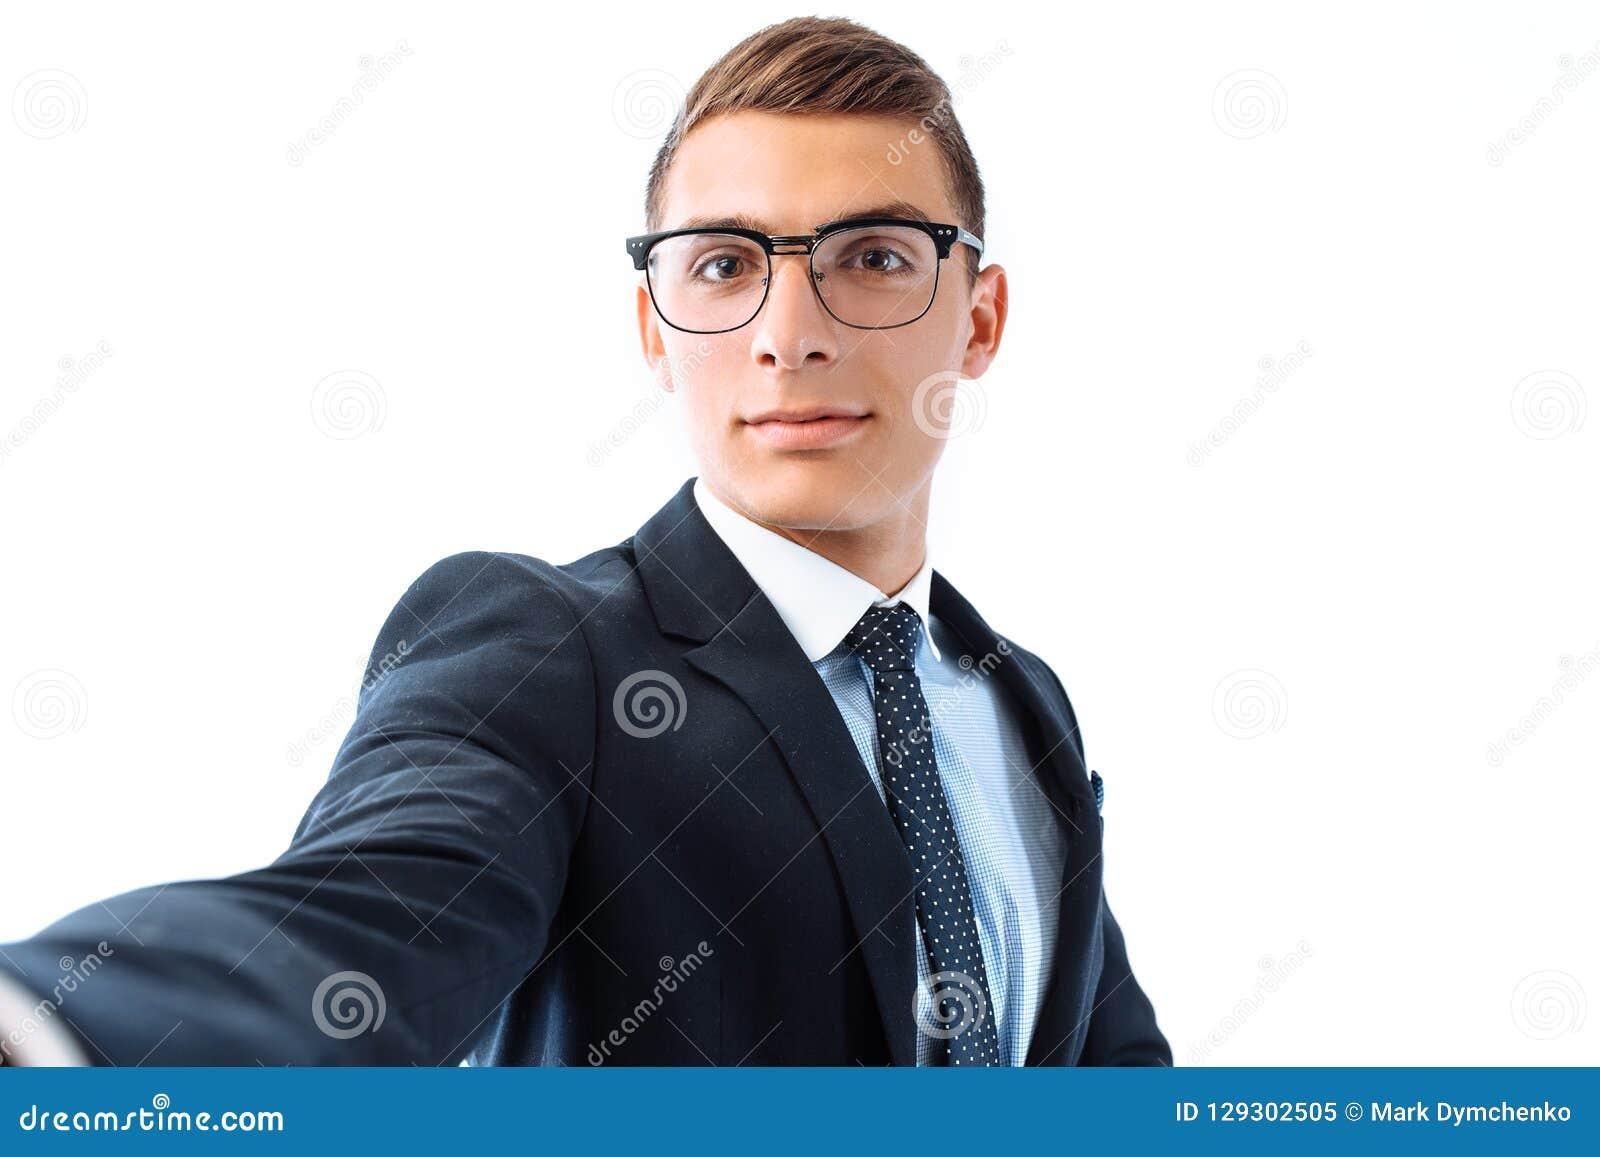 Ο επιτυχής επιχειρηματίας στα γυαλιά και το κοστούμι, παίρνει ένα selfie με